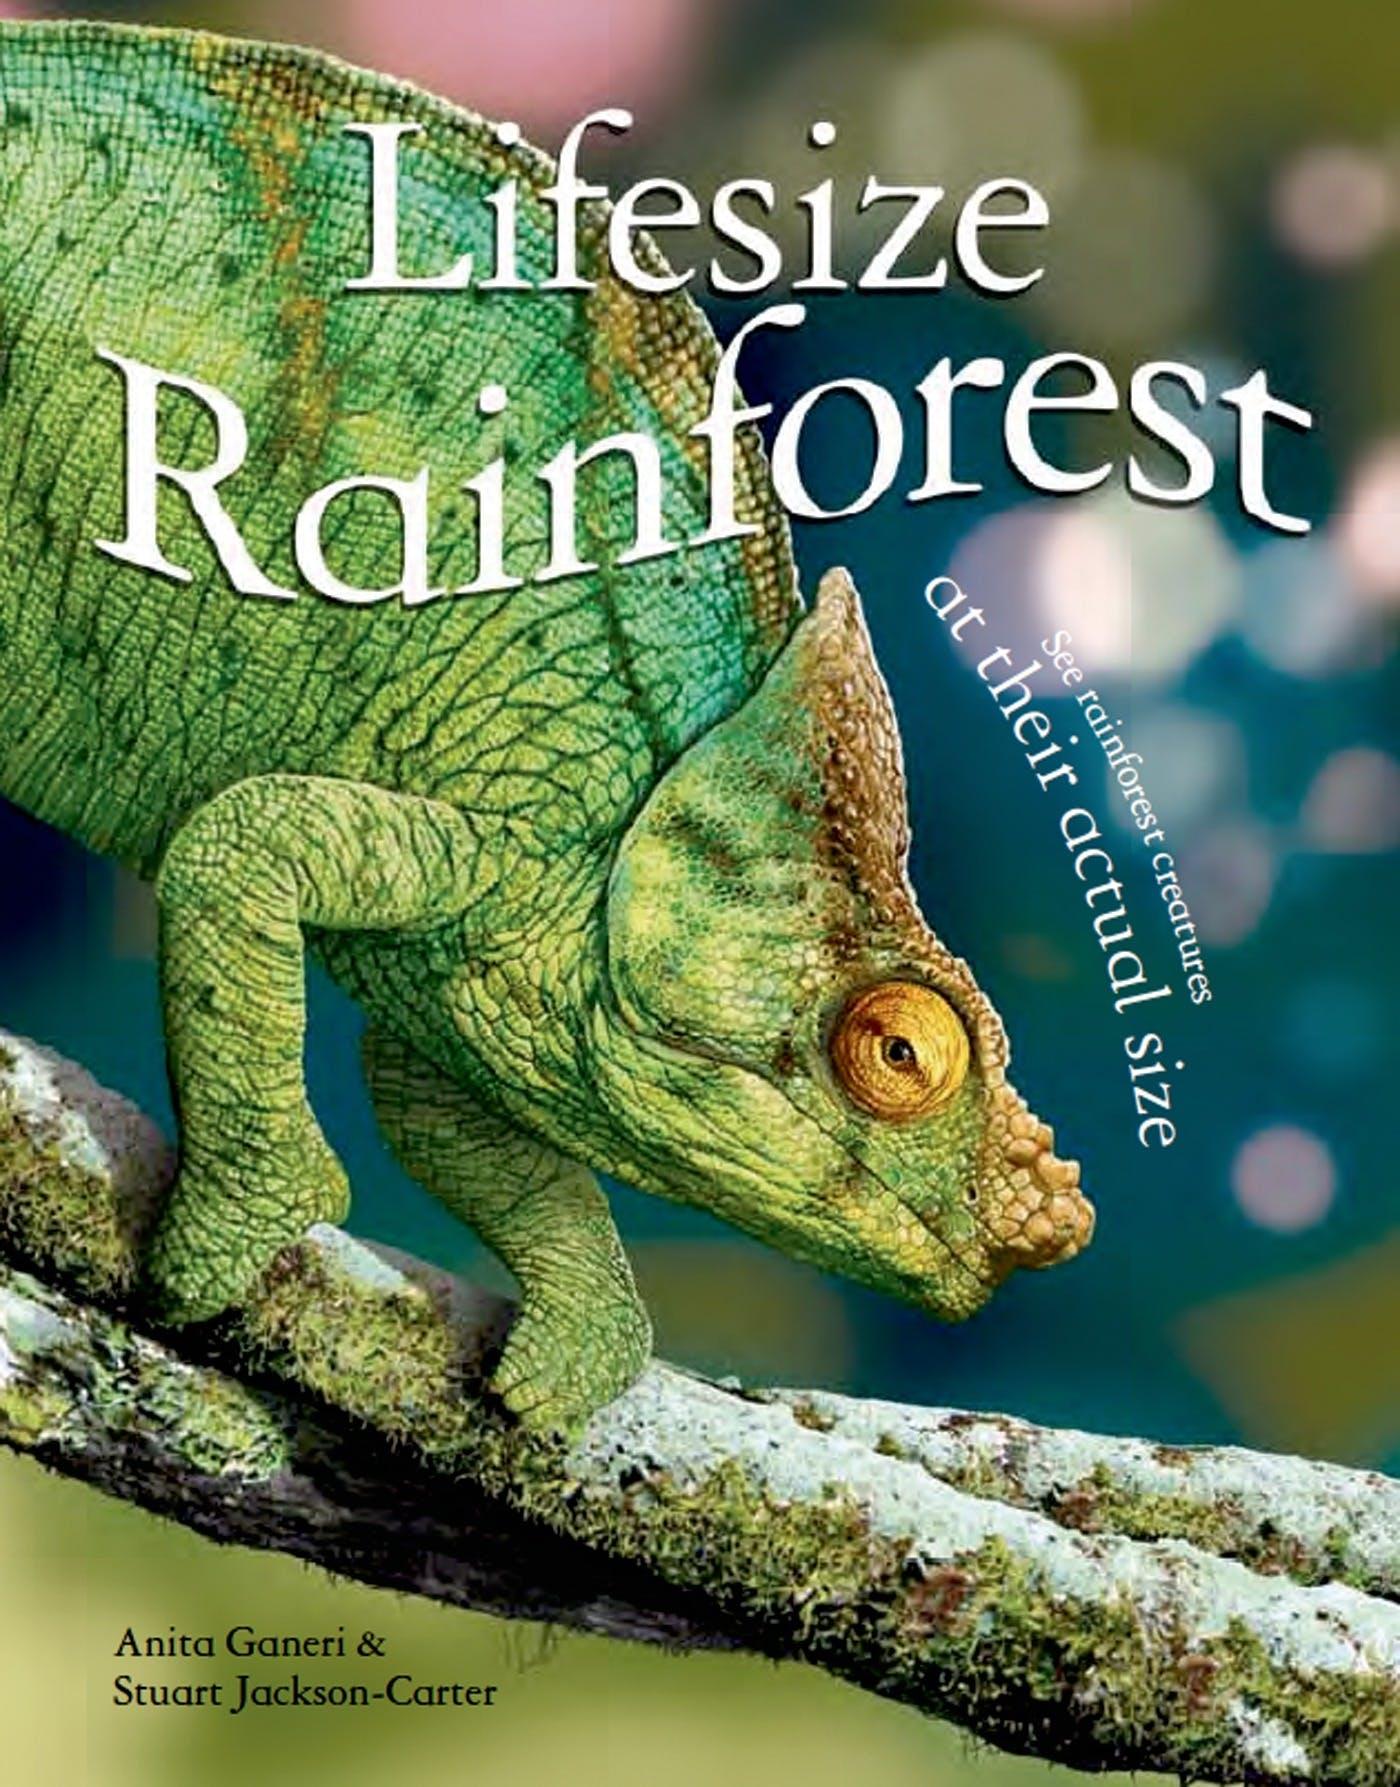 Image of Lifesize: Rainforest